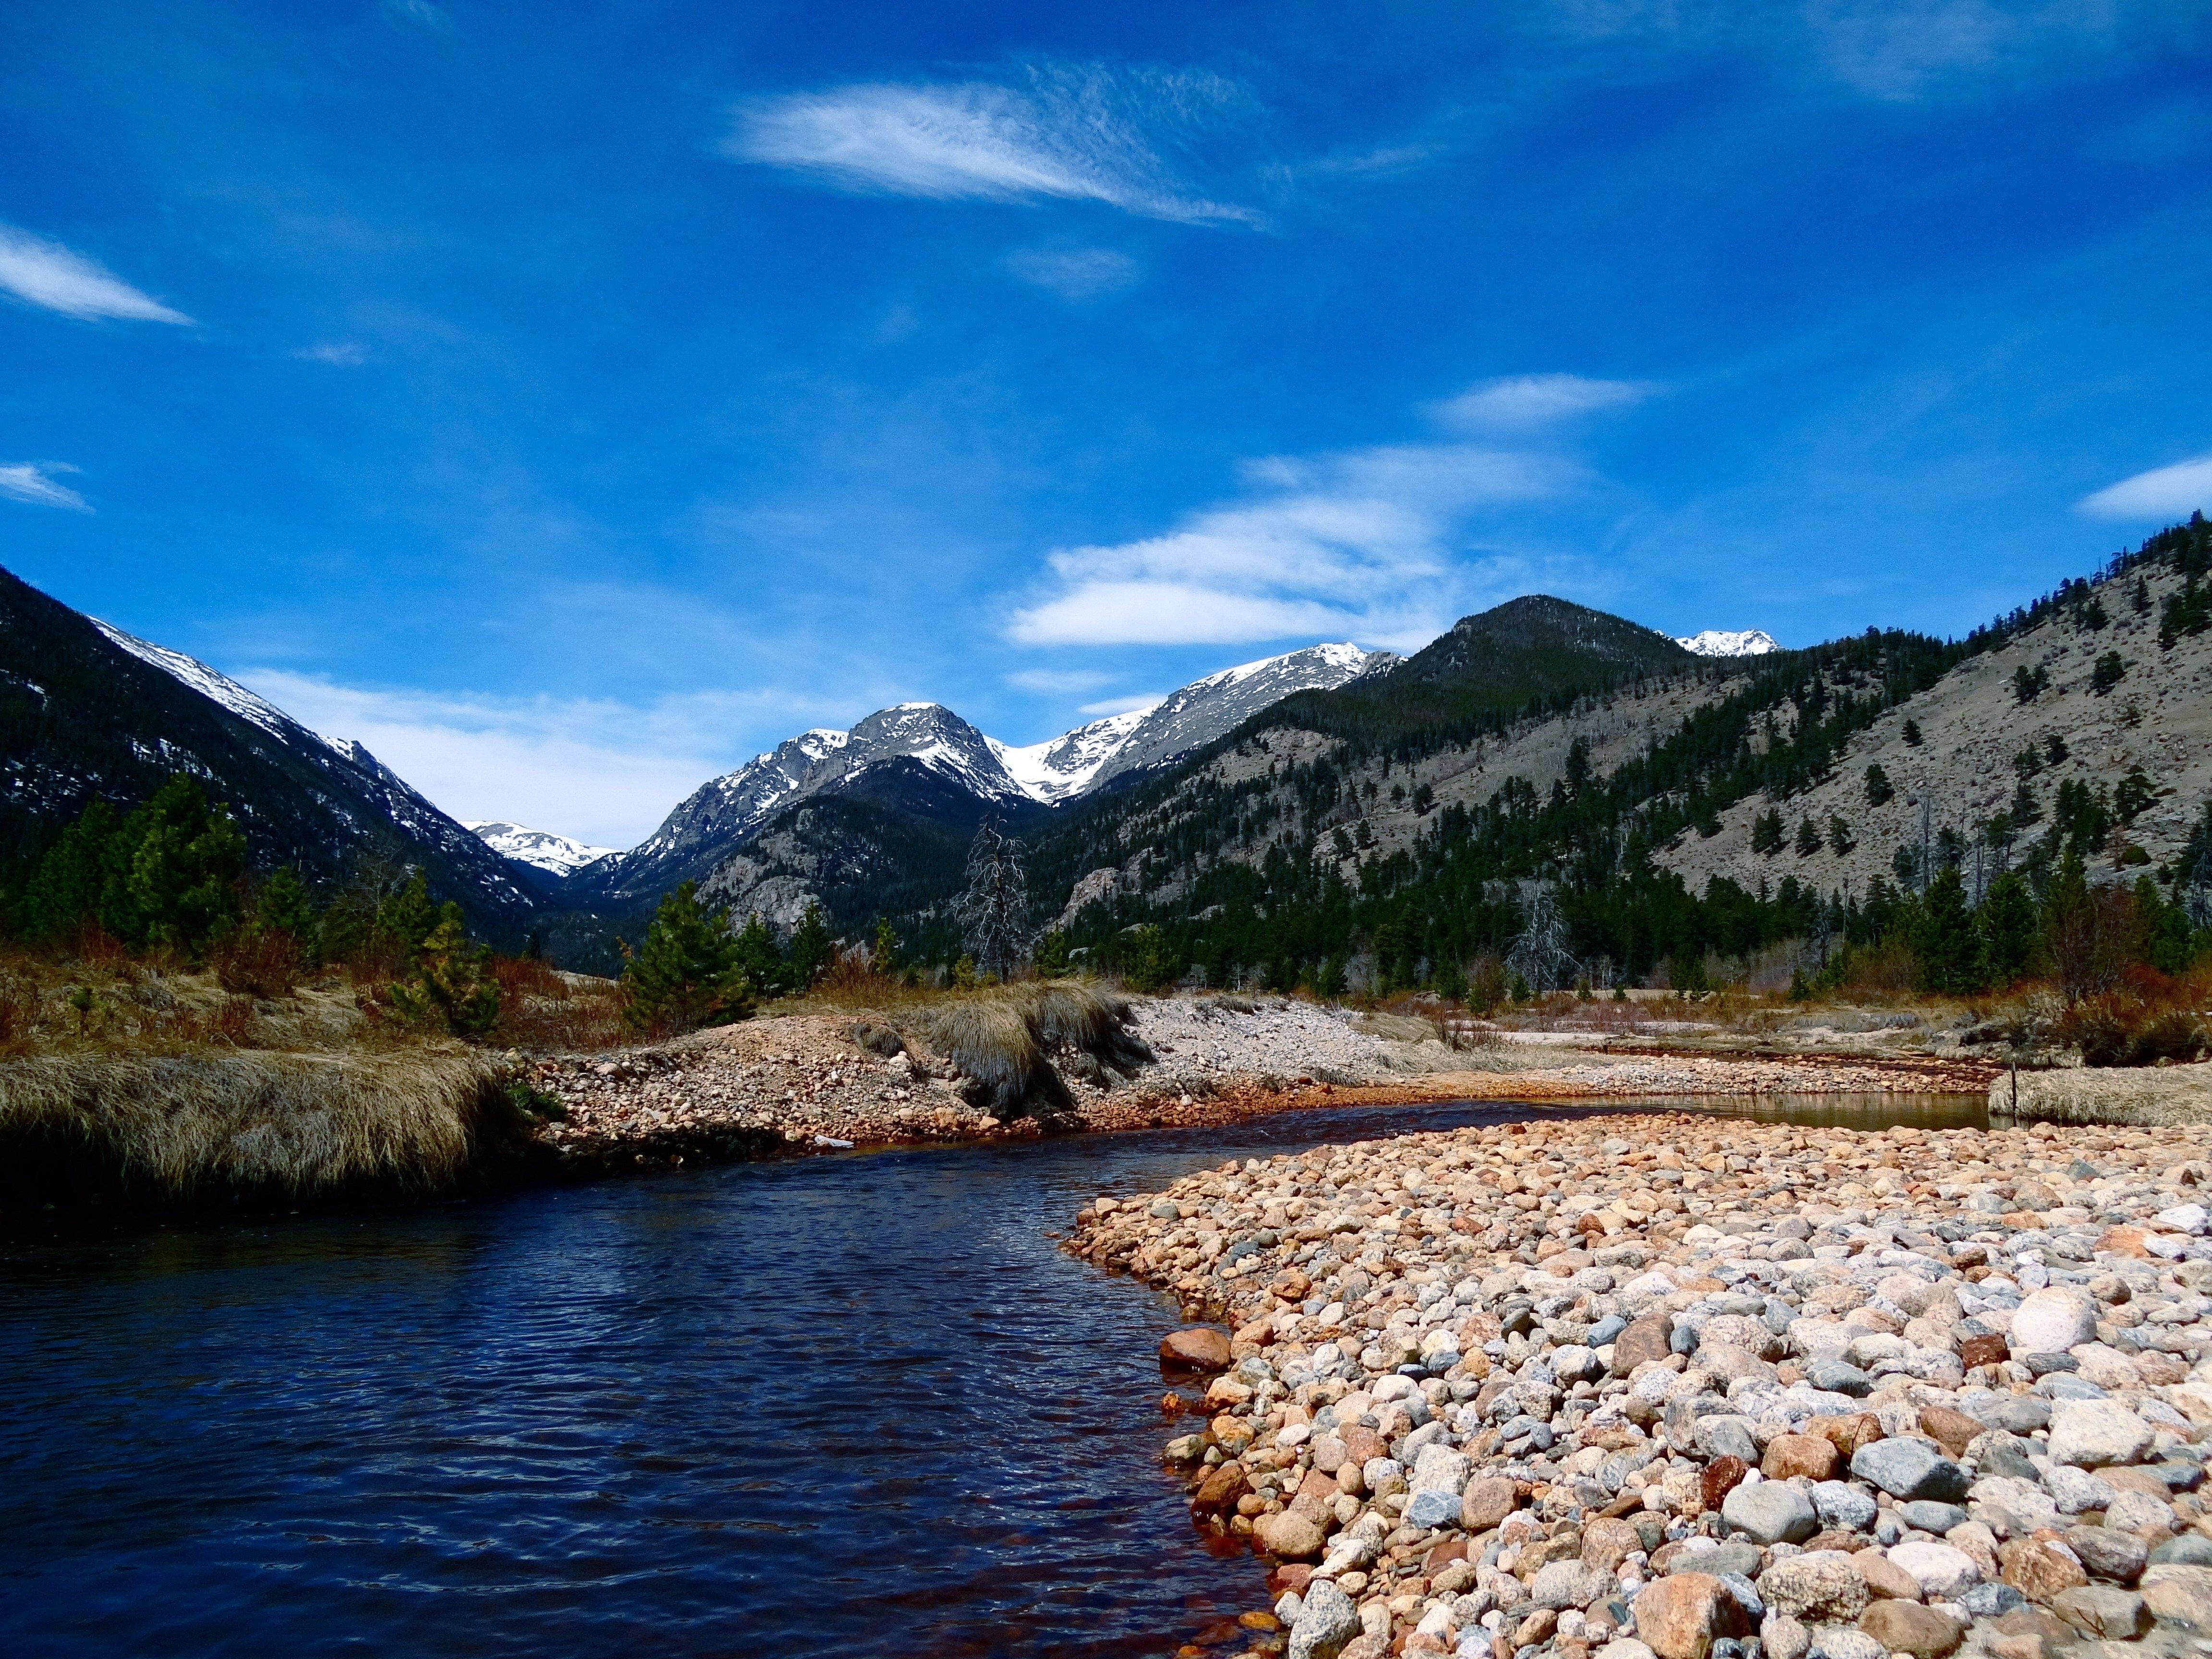 rocky mountain creek wallpaper - photo #1